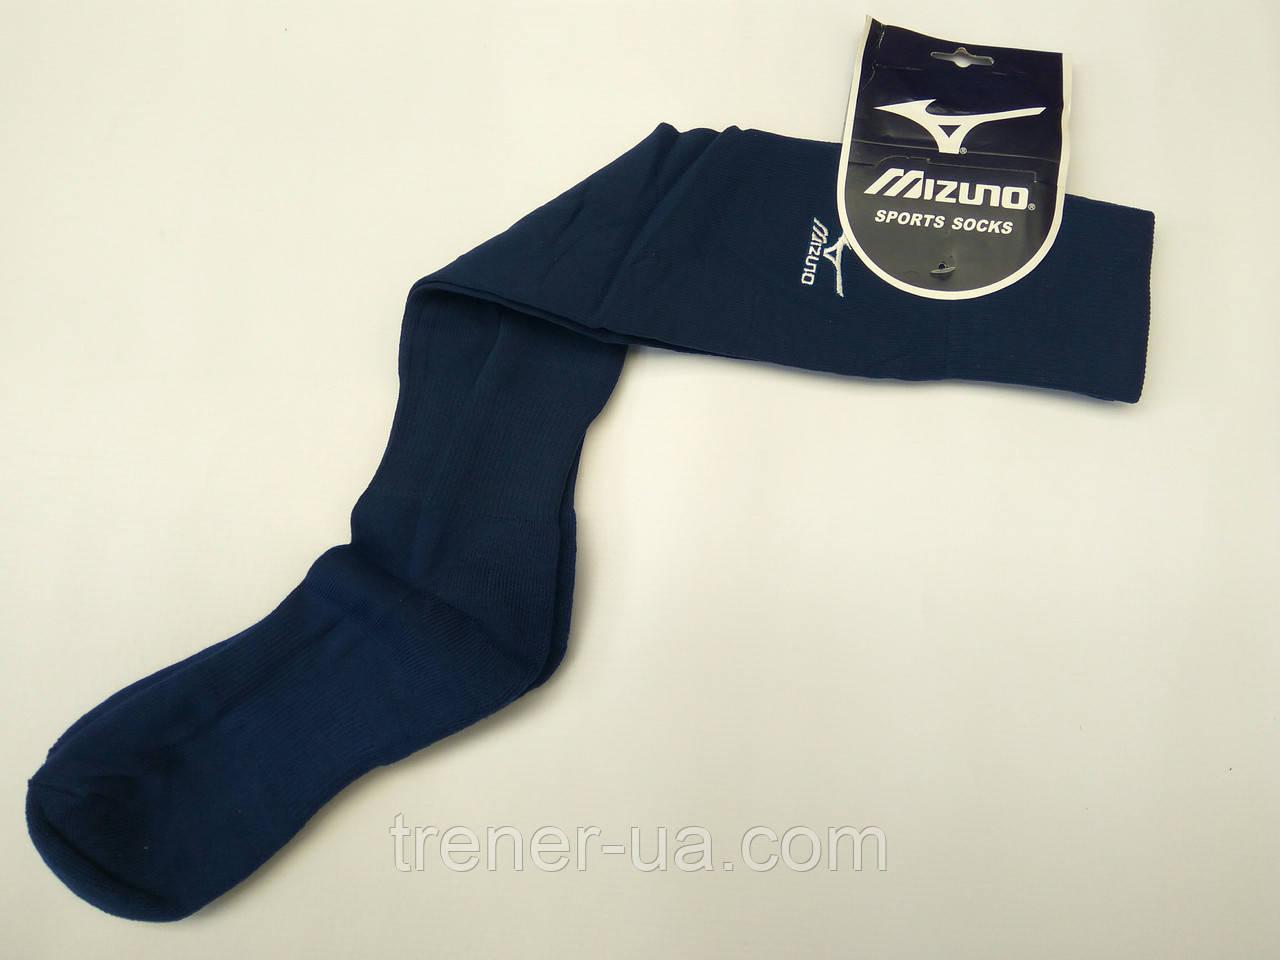 Футбольні гетри в стилі Mizuno темно-сині 40-45